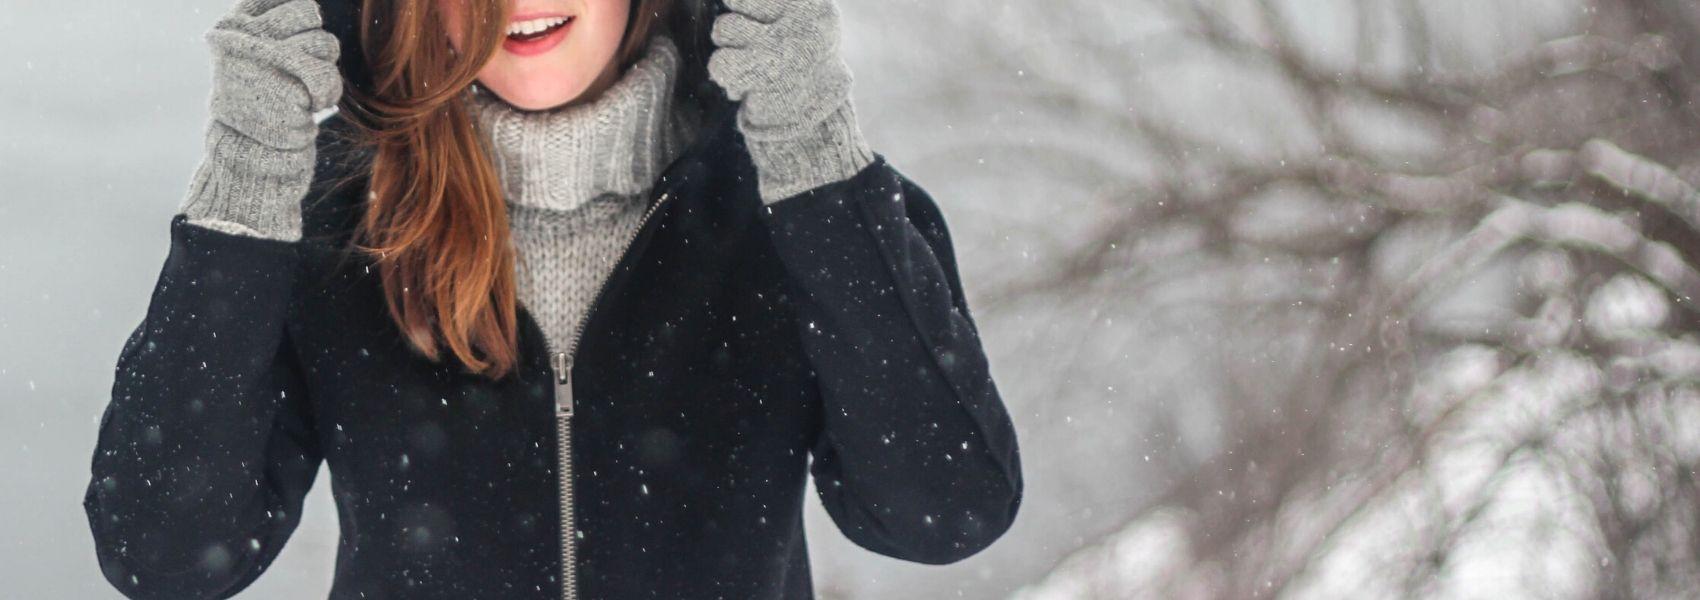 cuidados nos meses mais frios